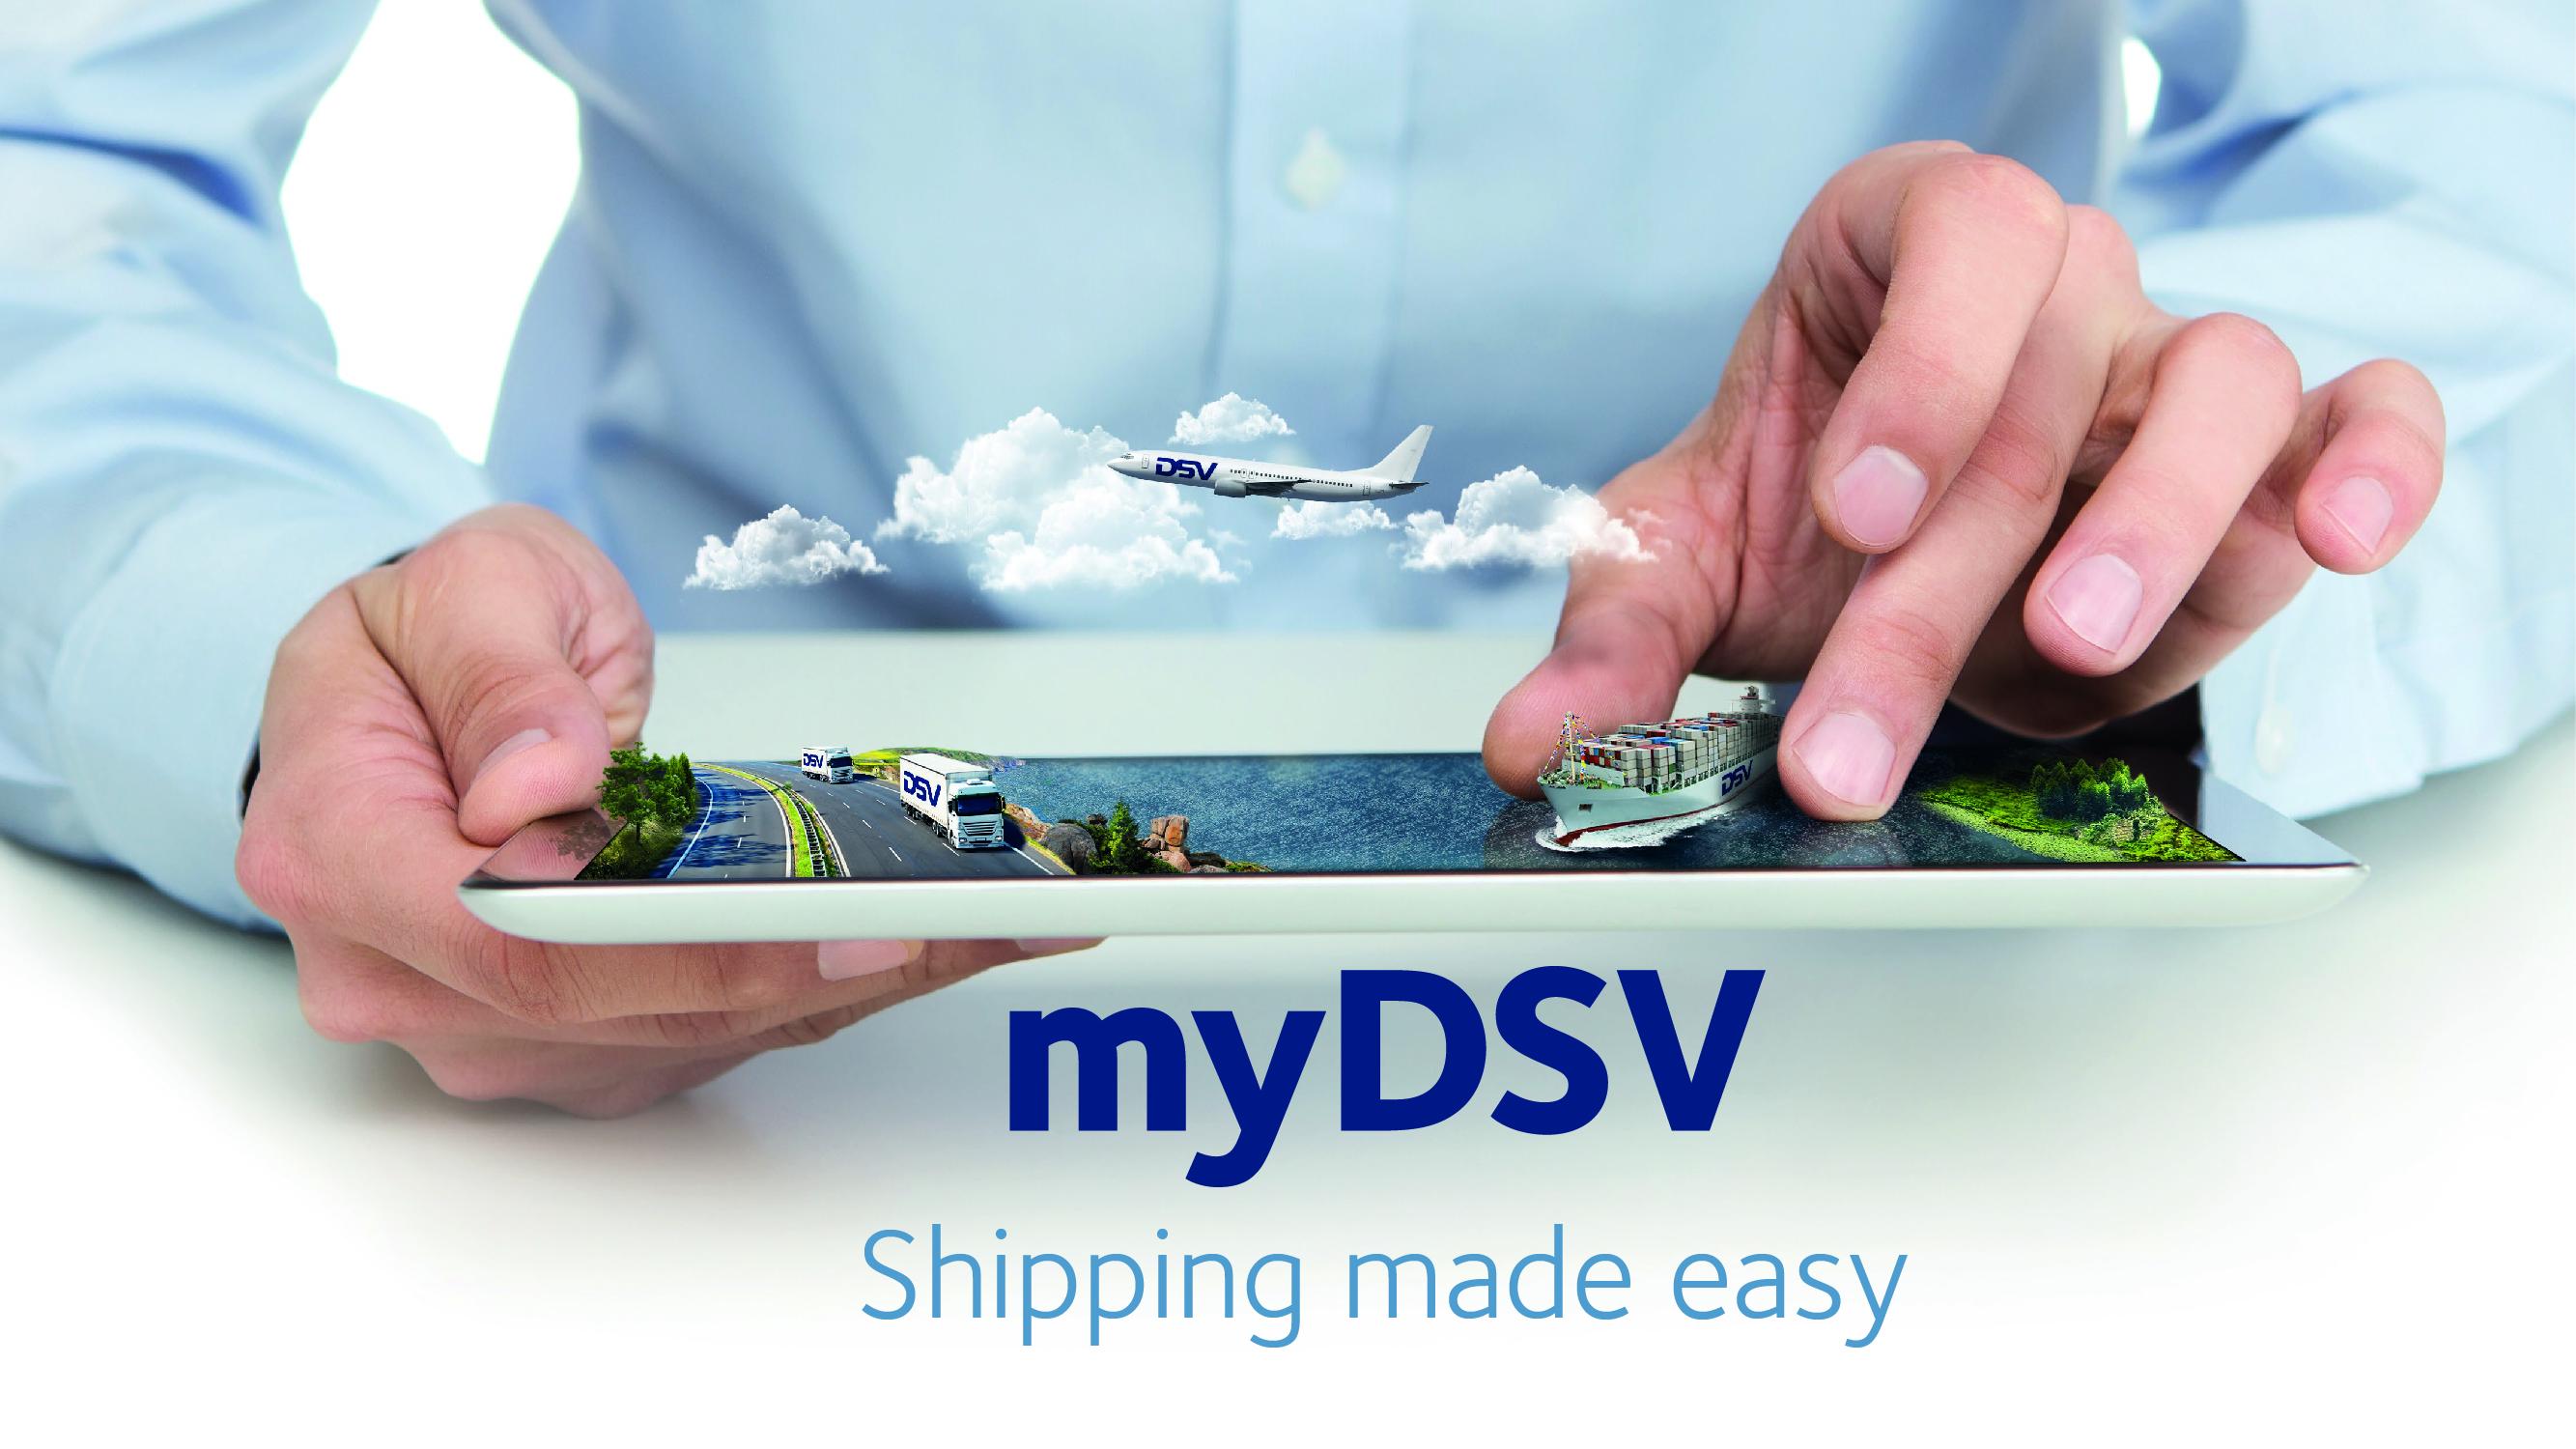 mydsv reservas booking envio online